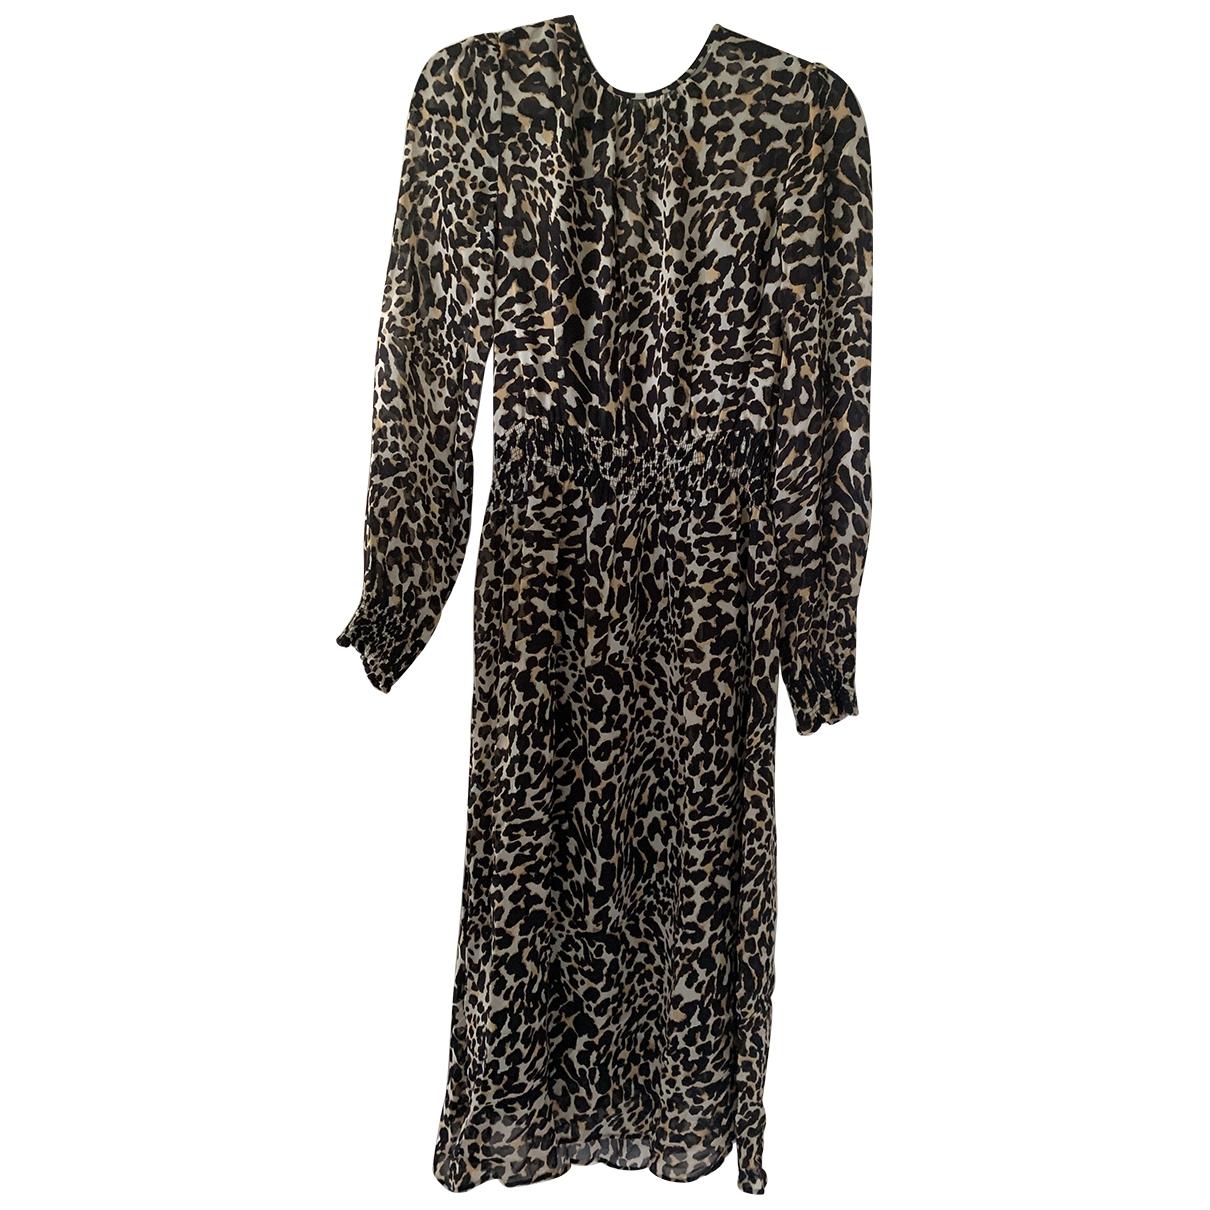 Zara \N Multicolour dress for Women M International